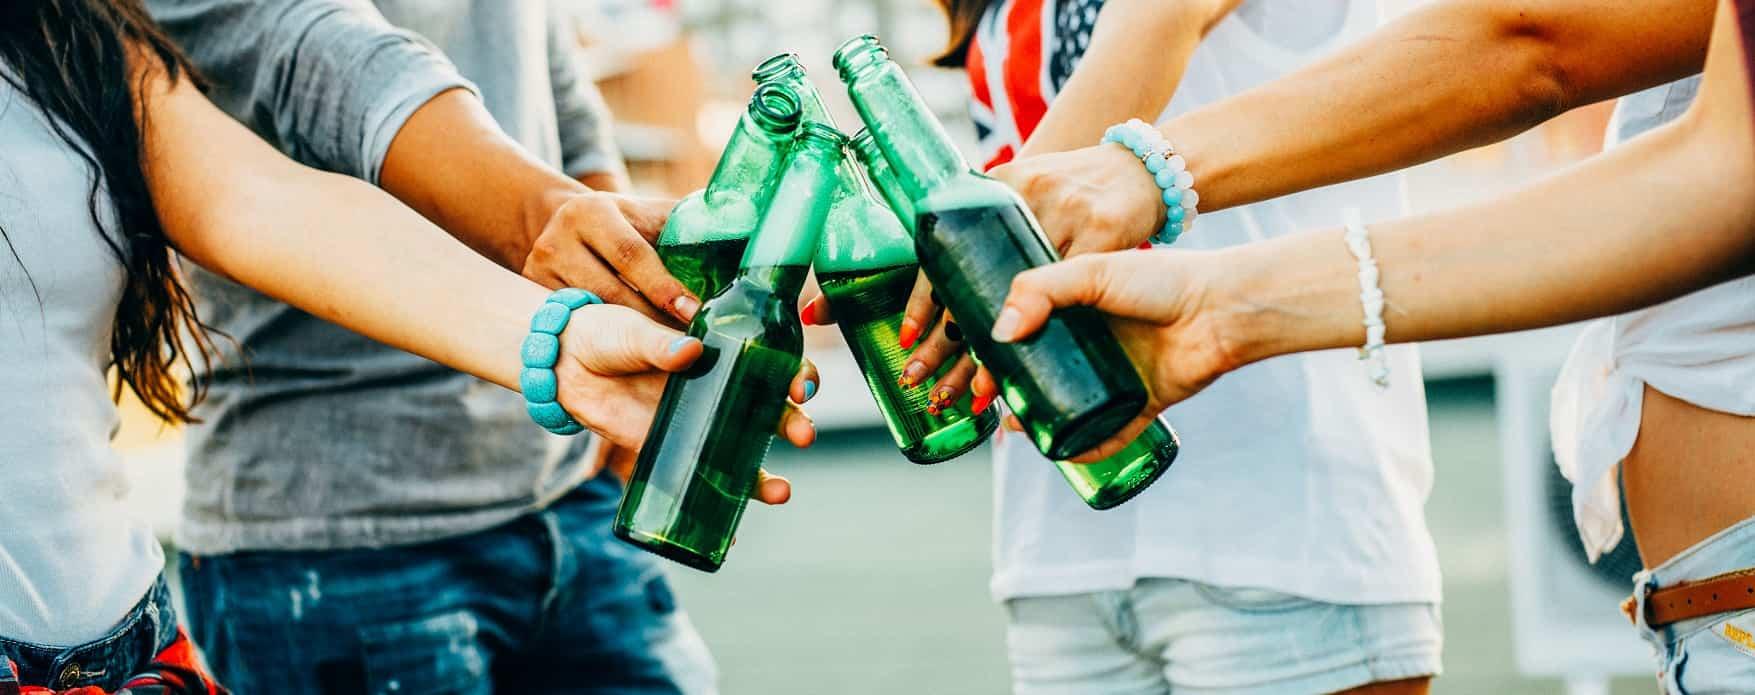 tieners leren omgaan met alcohol